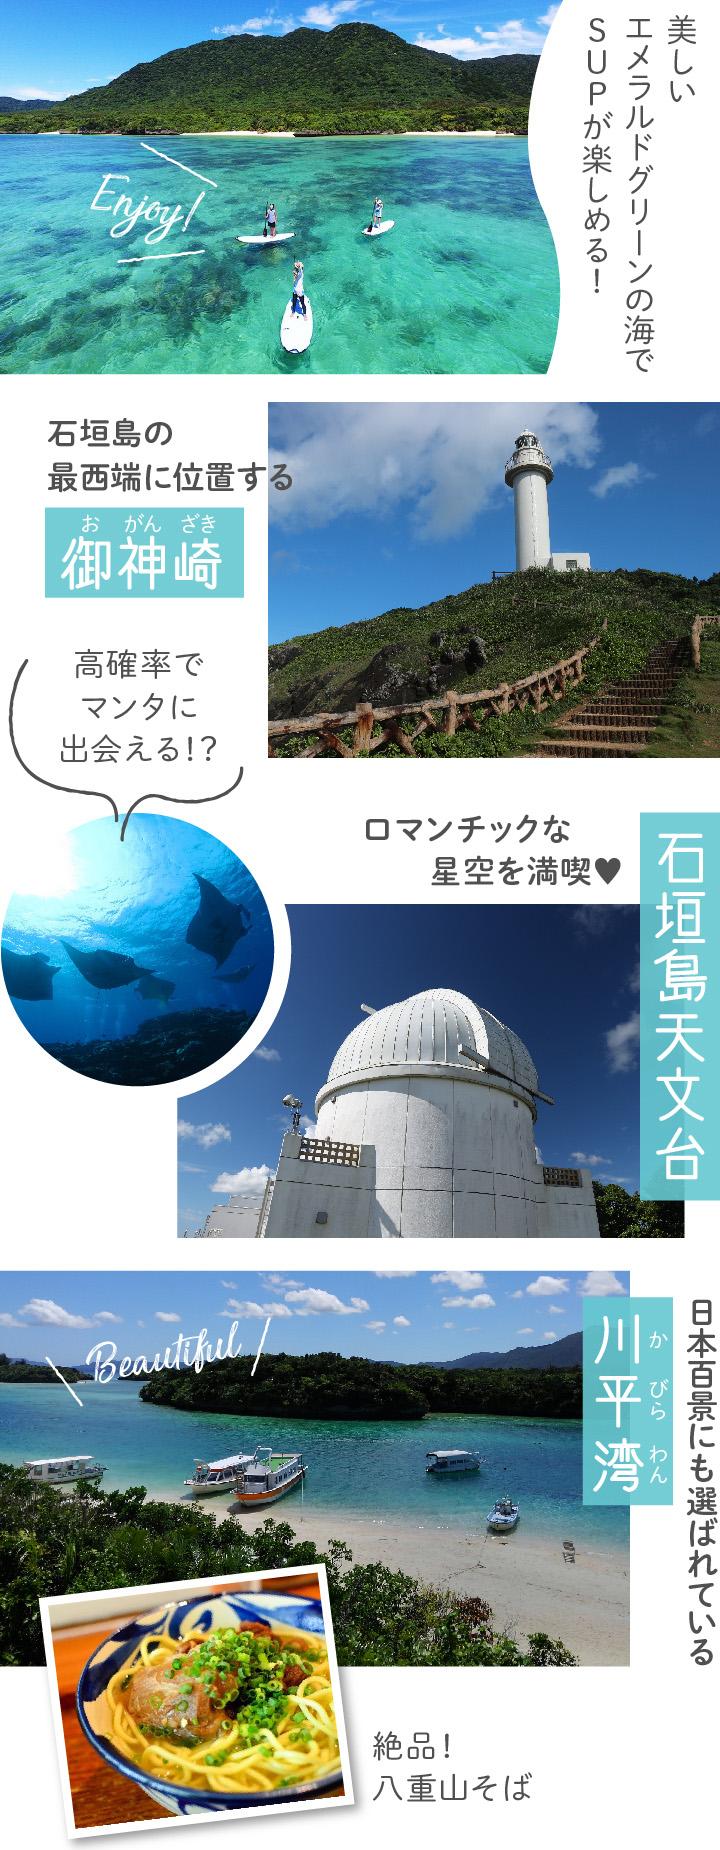 国内新婚旅行 石垣島